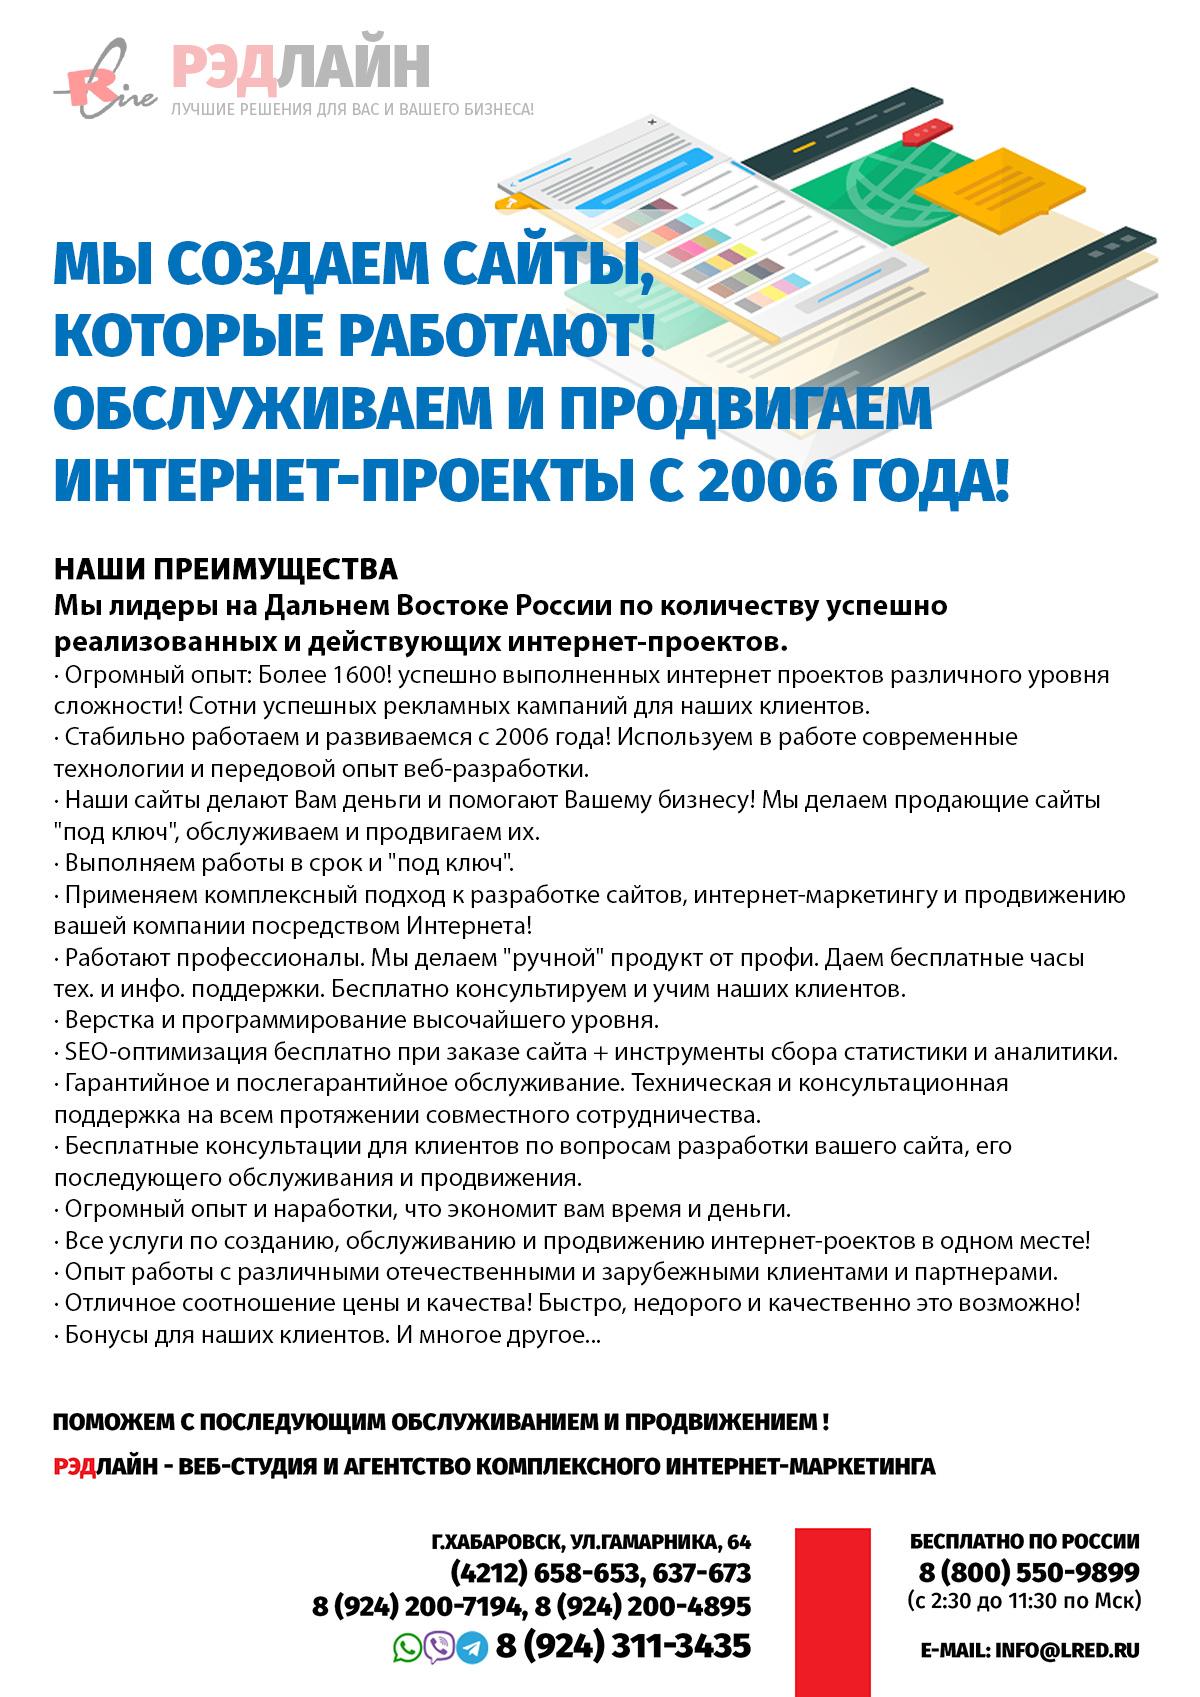 Образец договора на продвижение и оптимизацию сайта 9706 hello and bye xrumertest